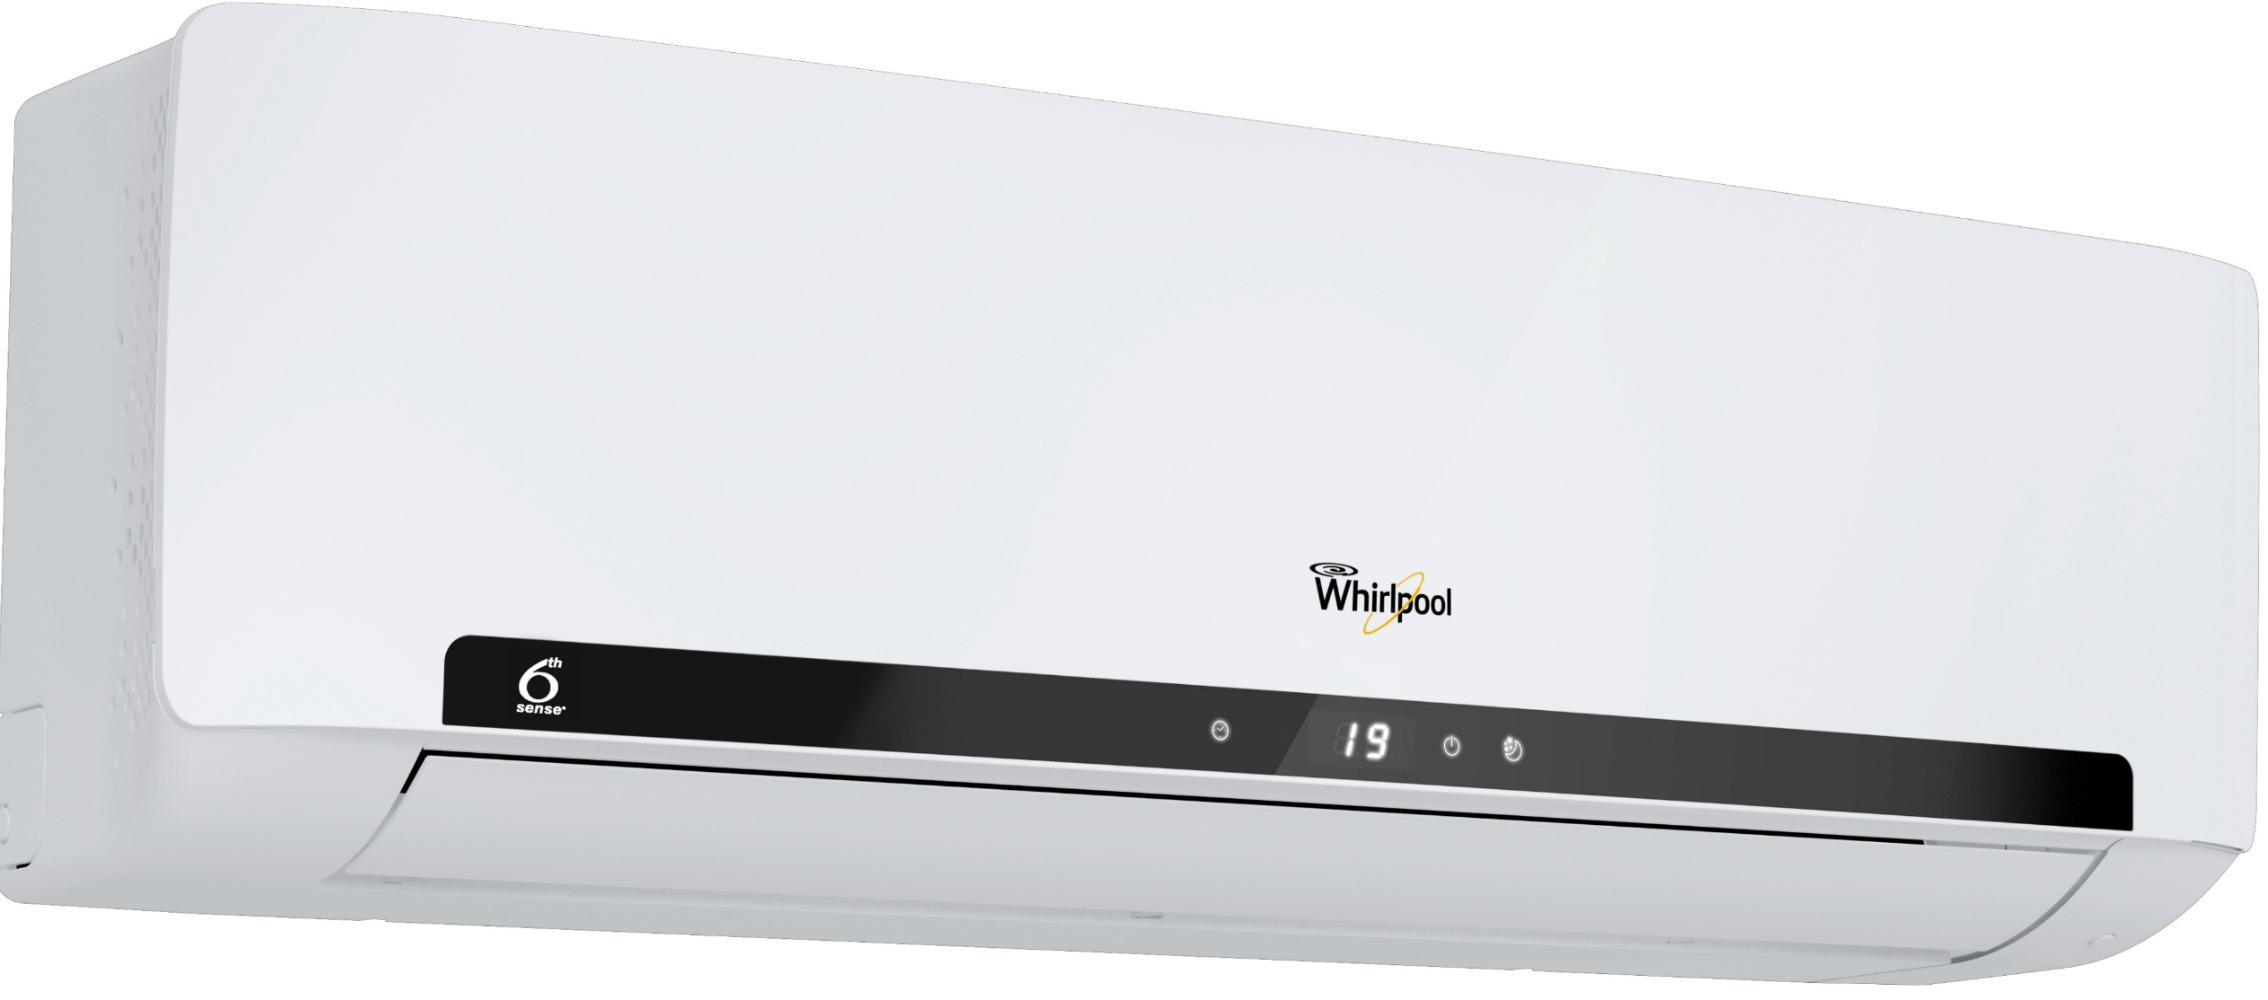 Wb245ab argentina aire acondicionado split 5200 f 5100 c for Temperatura de salida de aire acondicionado split